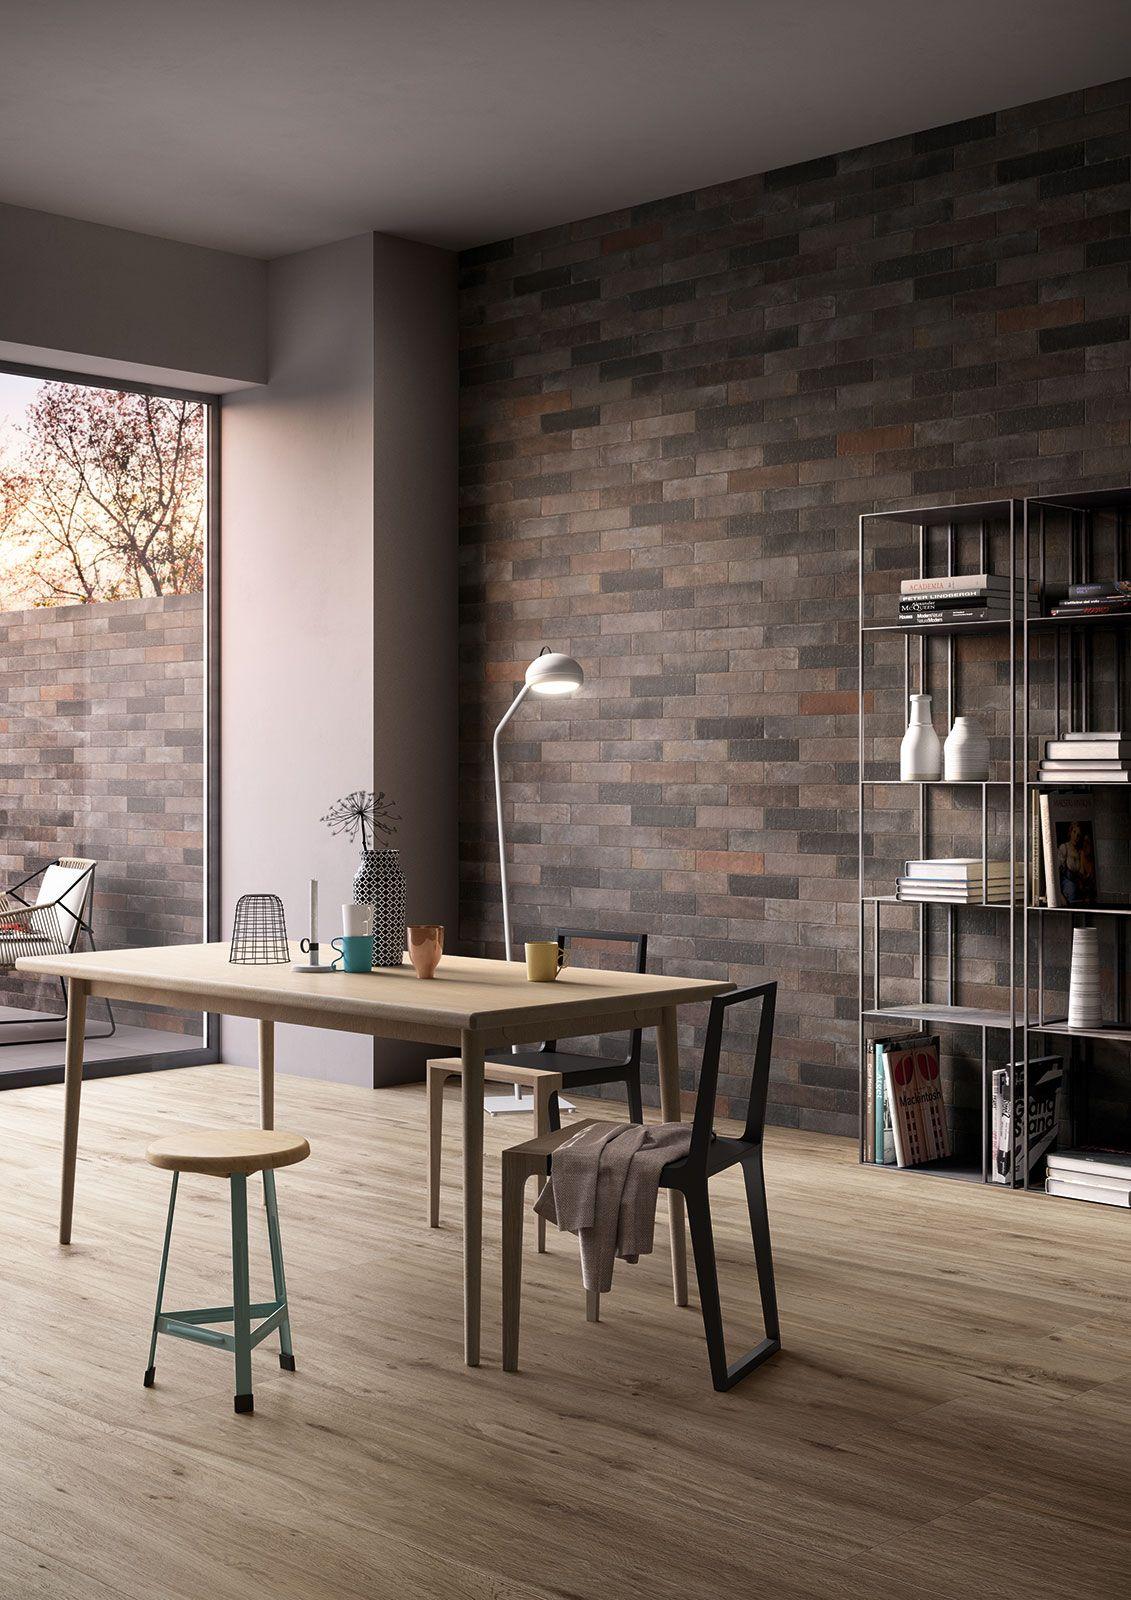 Ceramiche Marazzi   Terramix Fliesen Steinoptik, Wandverkleidung,  Feinsteinzeug, Badezimmer, Wohnzimmer, Wohnraum